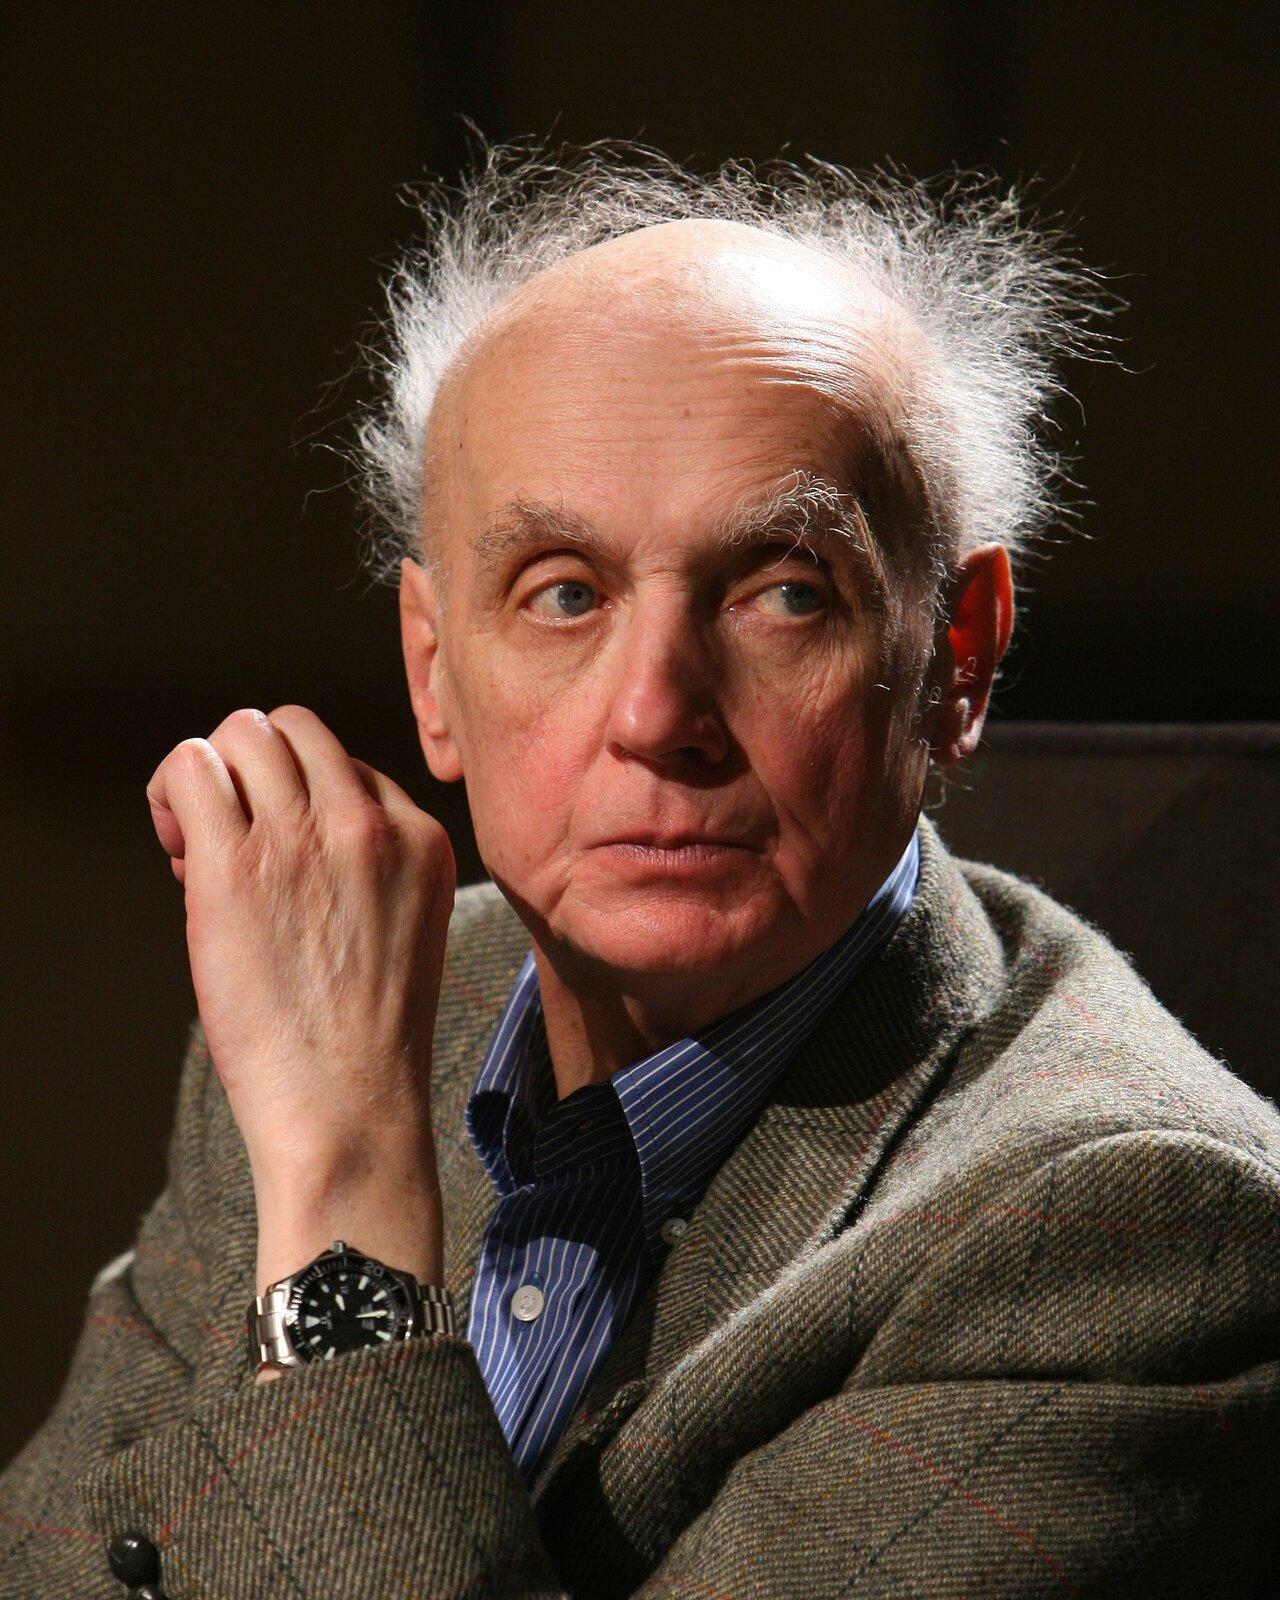 Fotografia Wojciecha Kilara autorstwa Cezarego Piwowarskiego. Kompozytor jest przedstawiony jako starszy mężczyzna, zrozwichrzonymi siwymi włosami. Ubrany jest wniebieską koszulę wbiałe paseczki itweedową marynarkę.